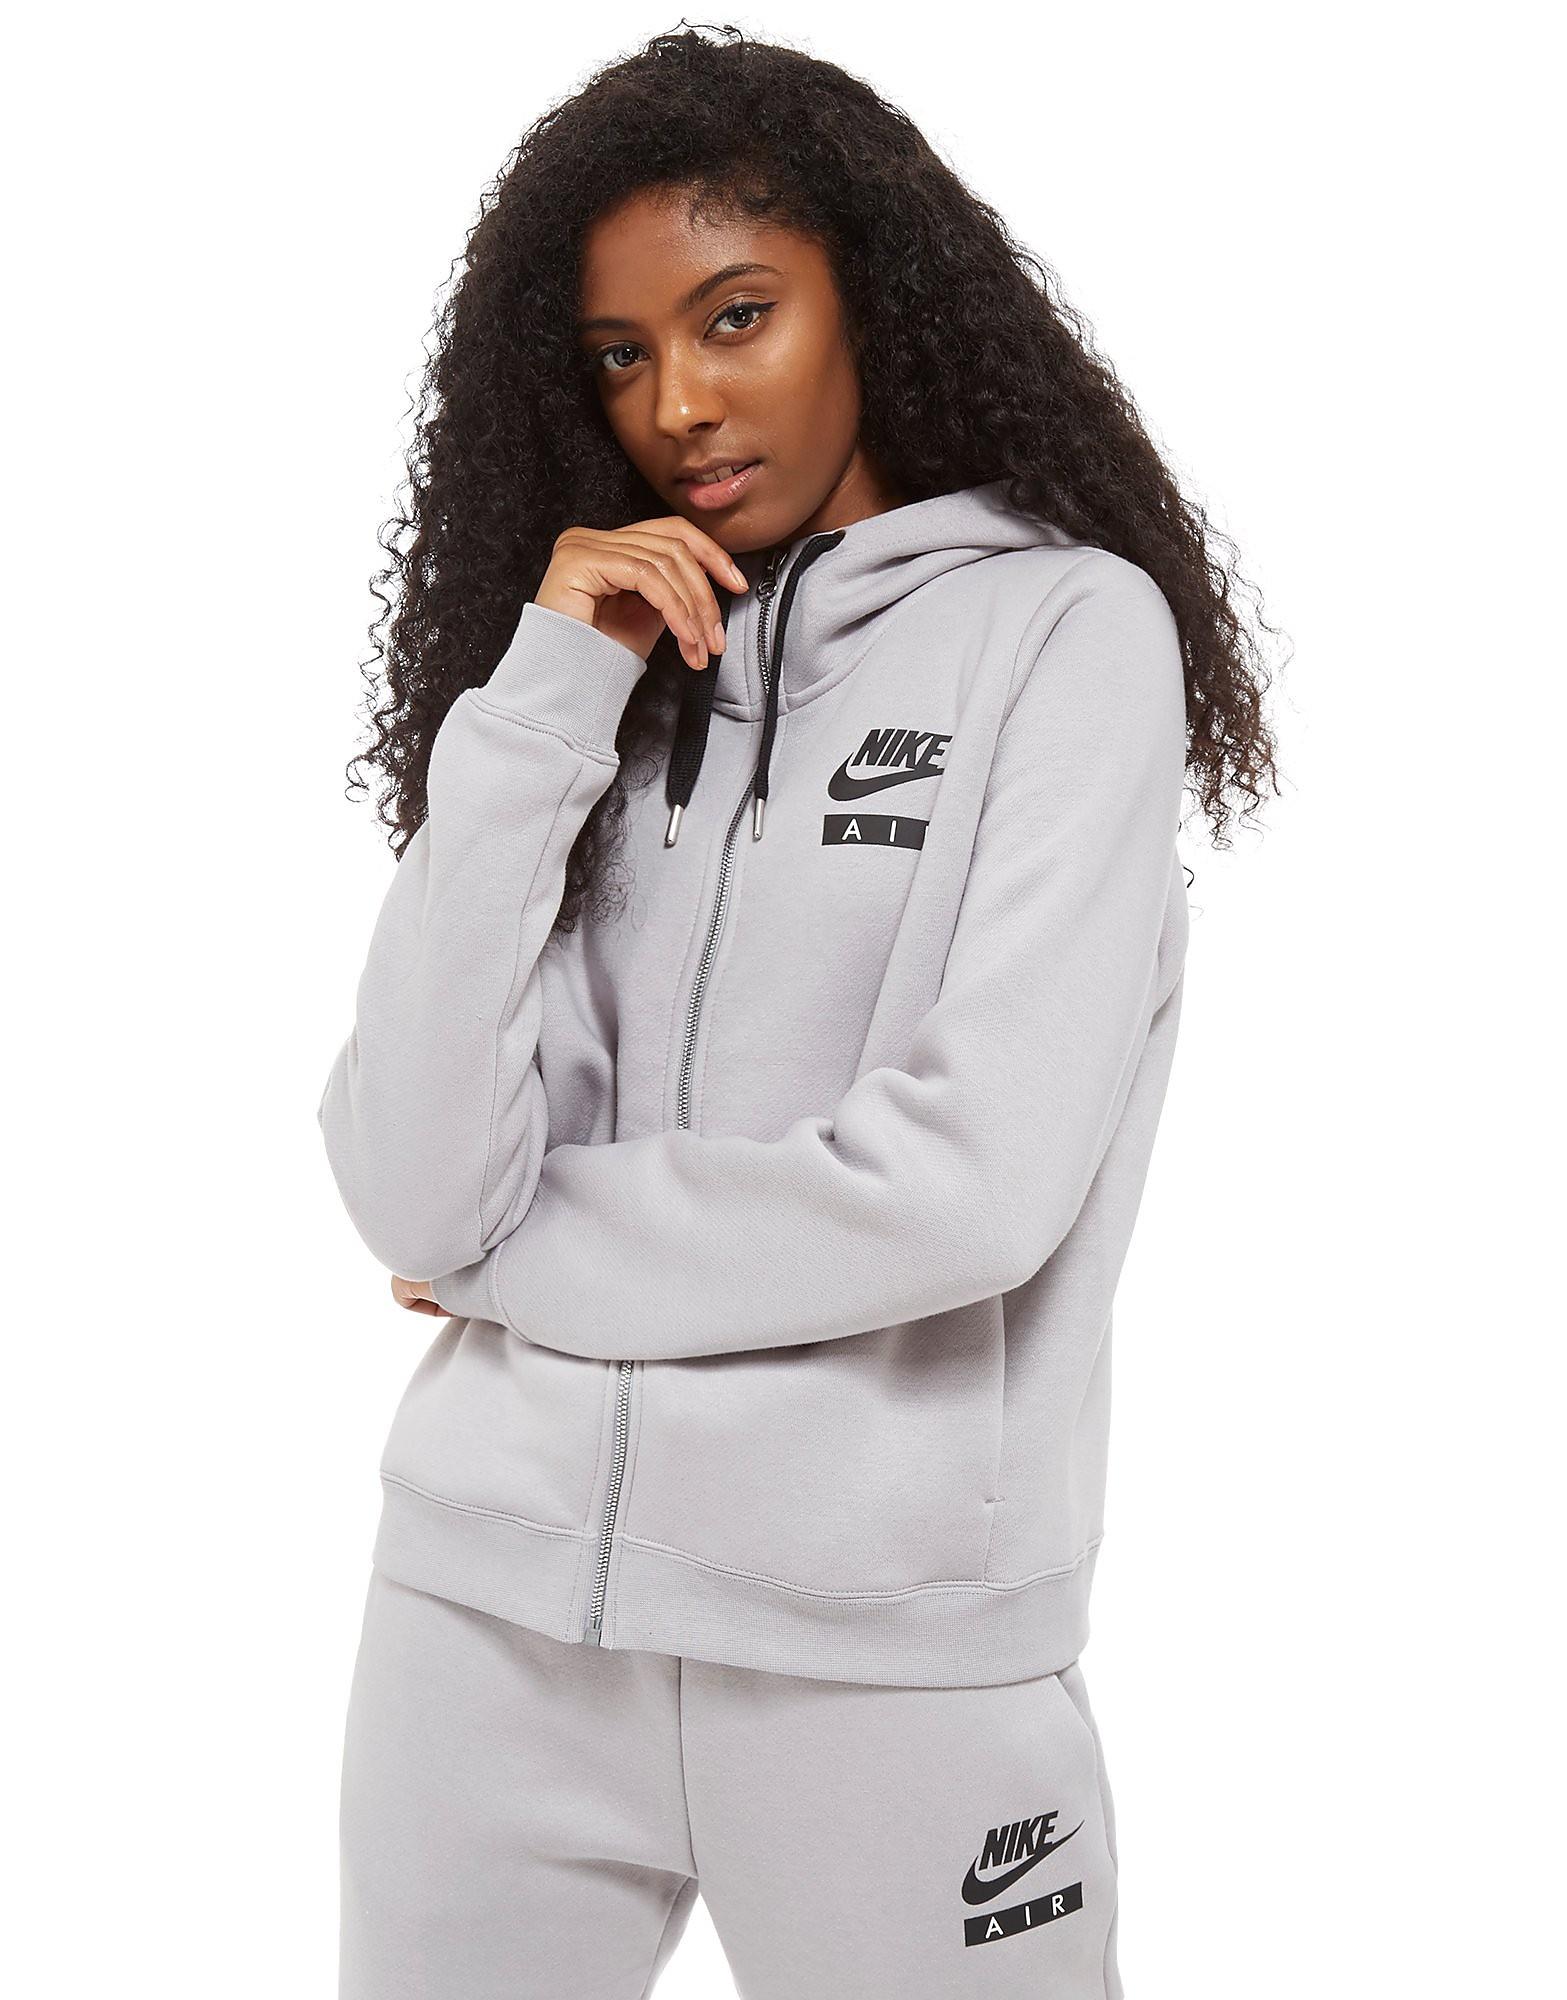 Nike Air Full Zip Hoodie